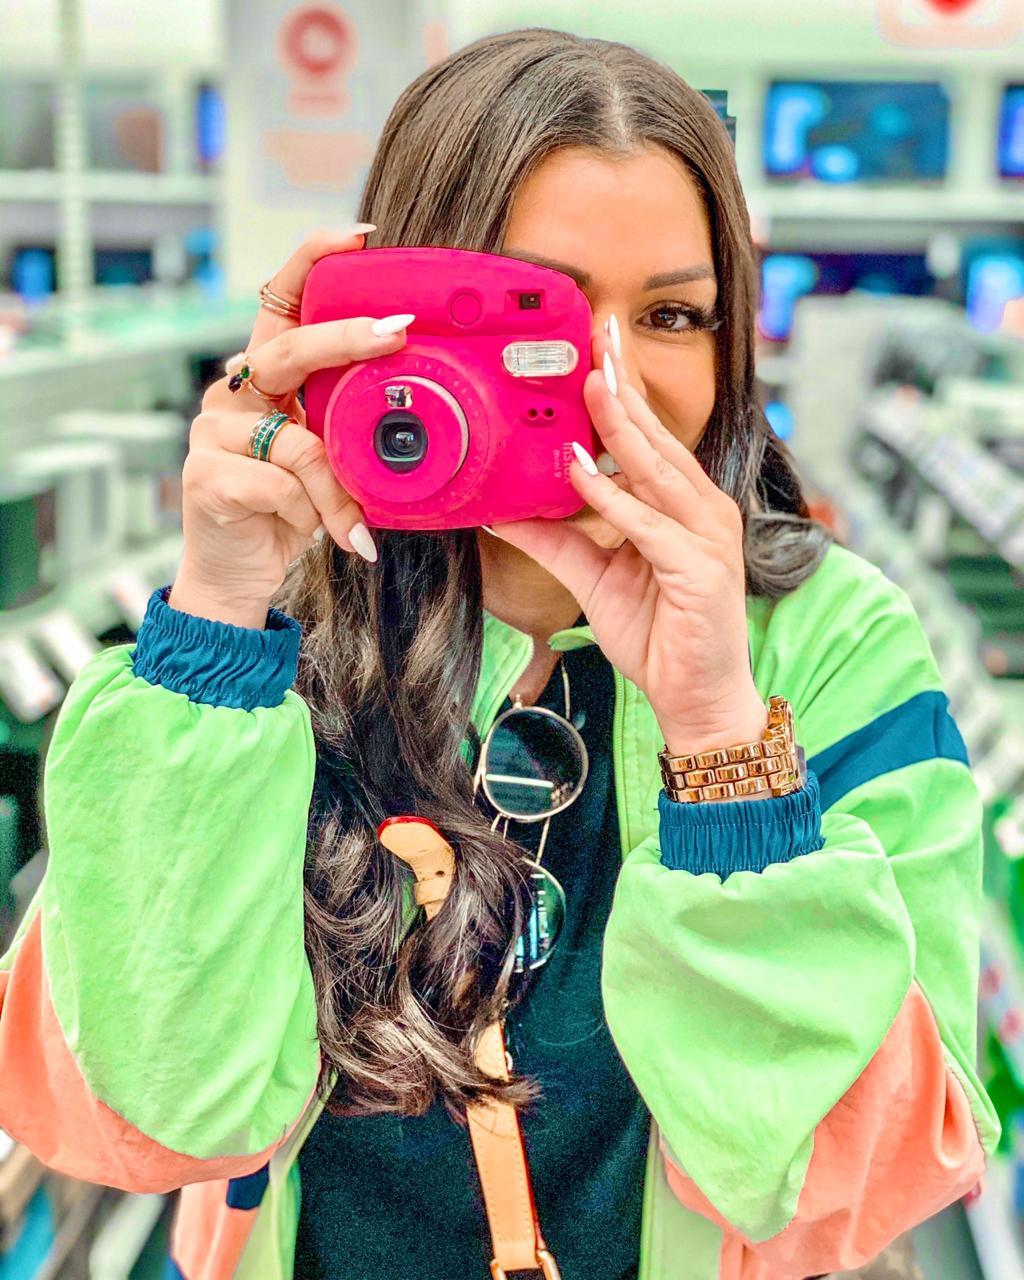 Josiele Cesino 04 - Influencer Josiele Cesino bomba no Instagram com lançamento de marca fitness